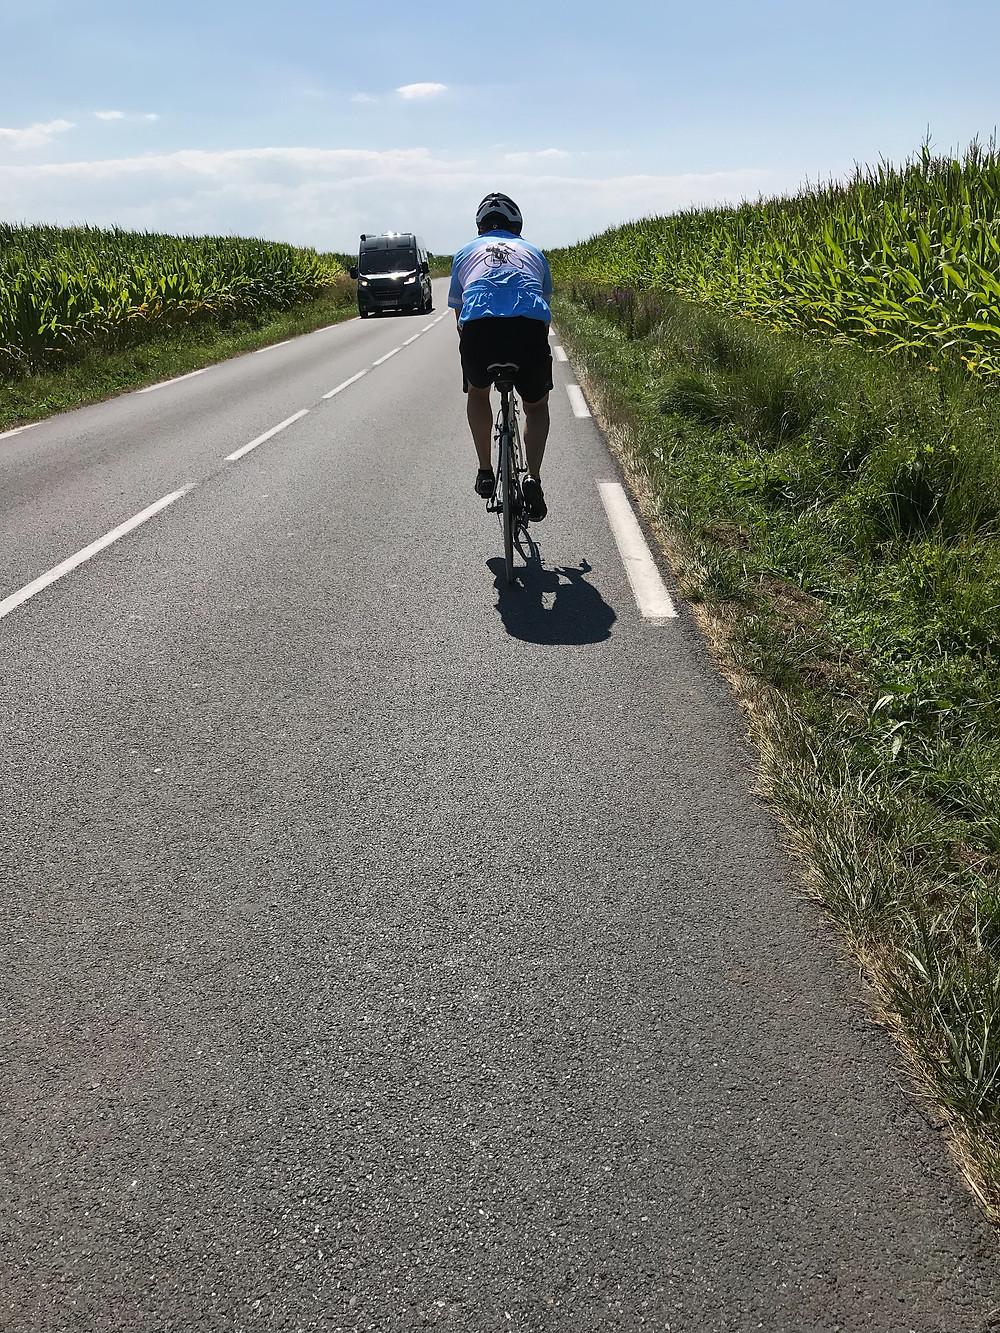 The road to Ardevon